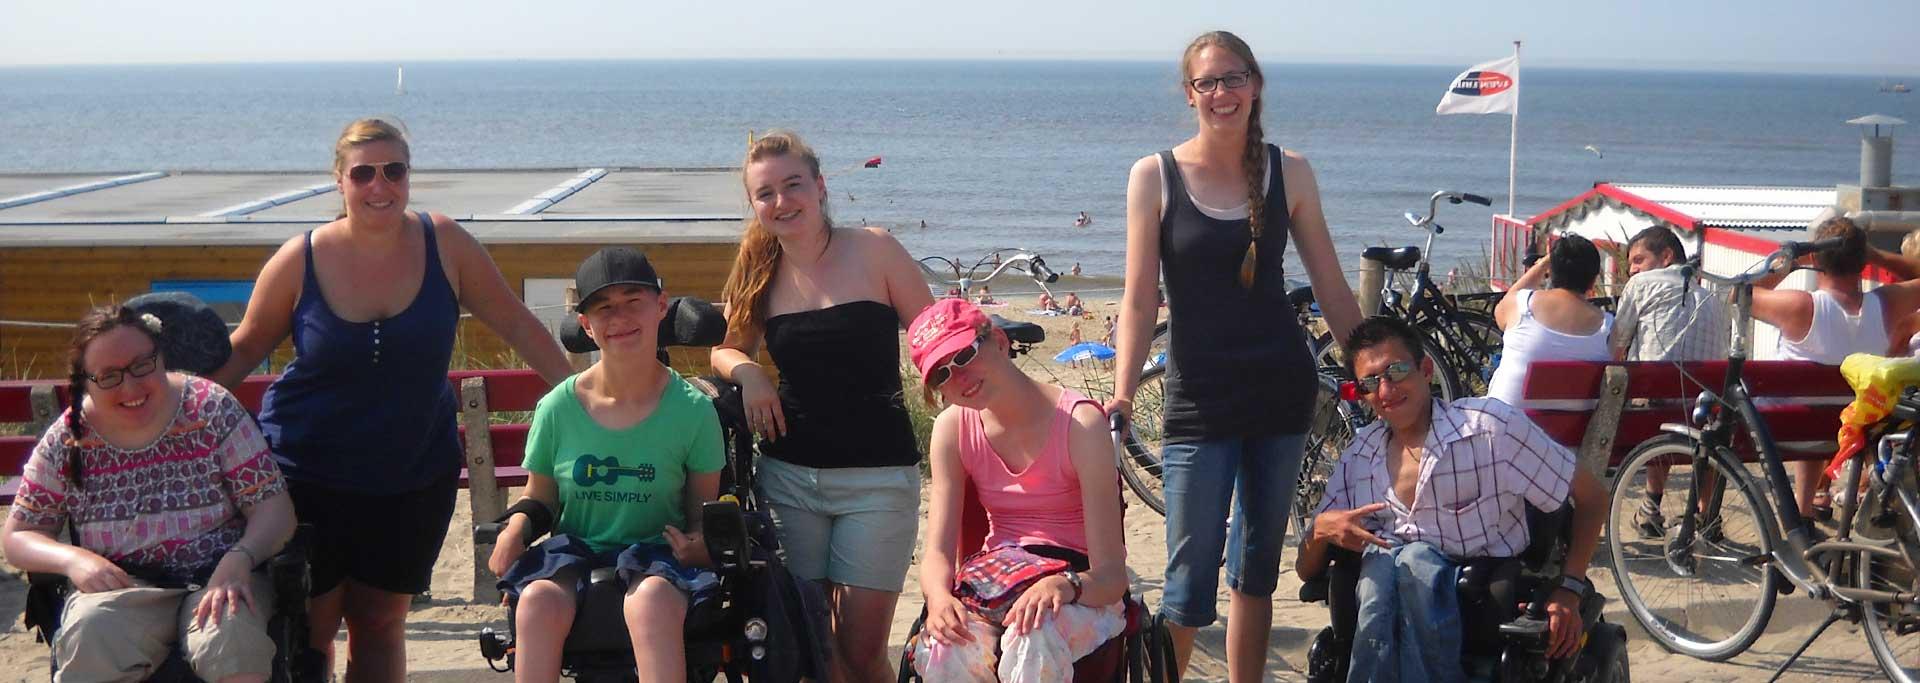 Reisen für Behinderte - Jugendliche mit Rollstuhl auf Texel